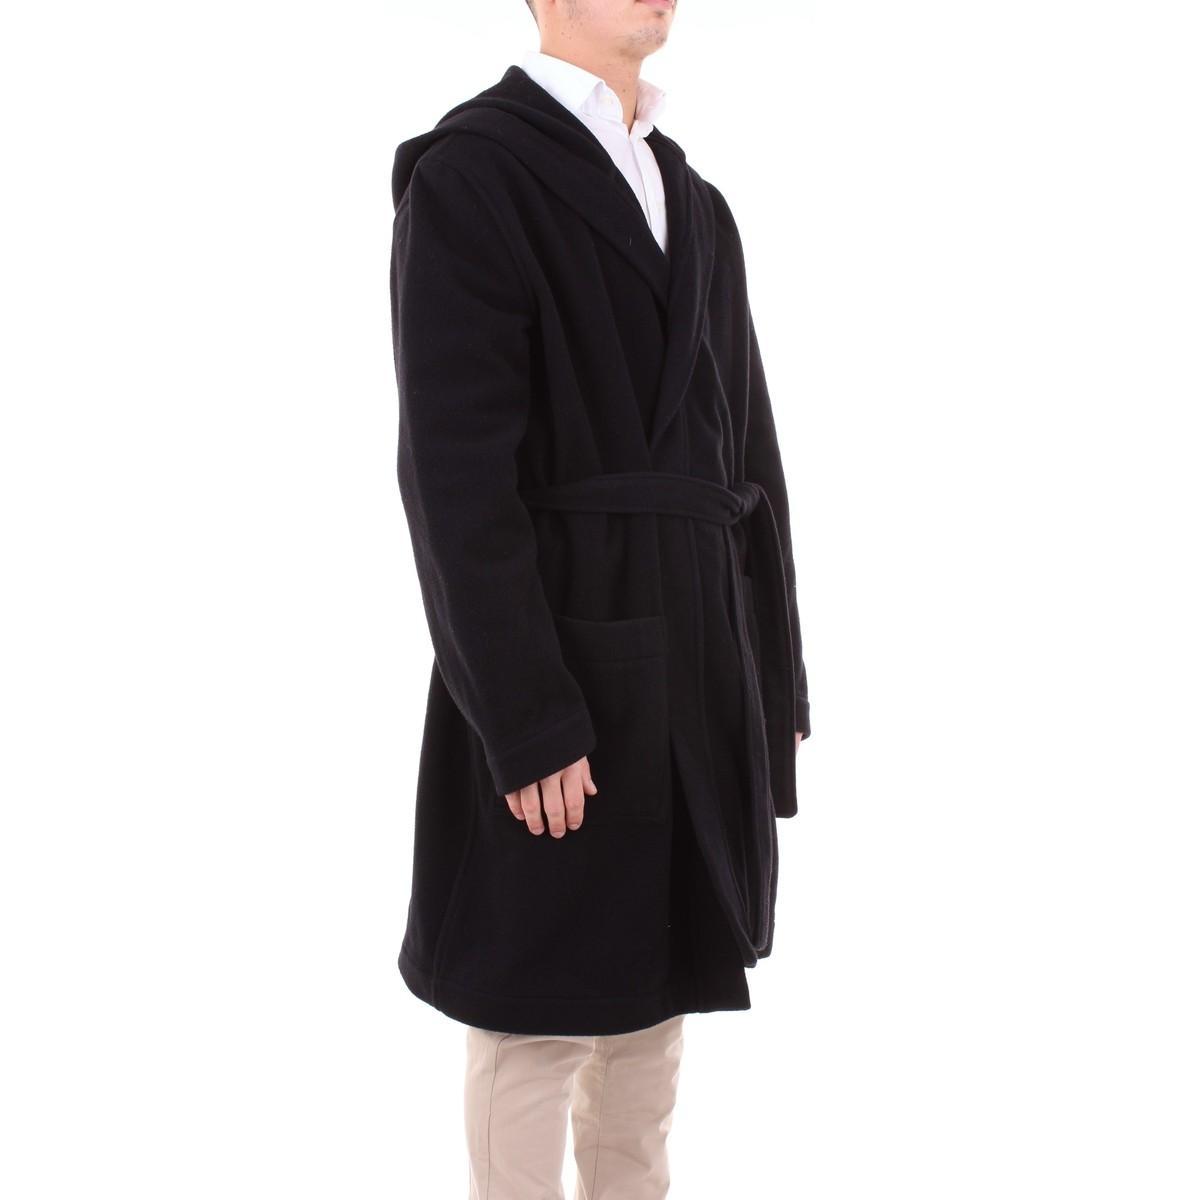 2340MC06174528 Manteau MSGM pour homme en coloris Noir siVRJ